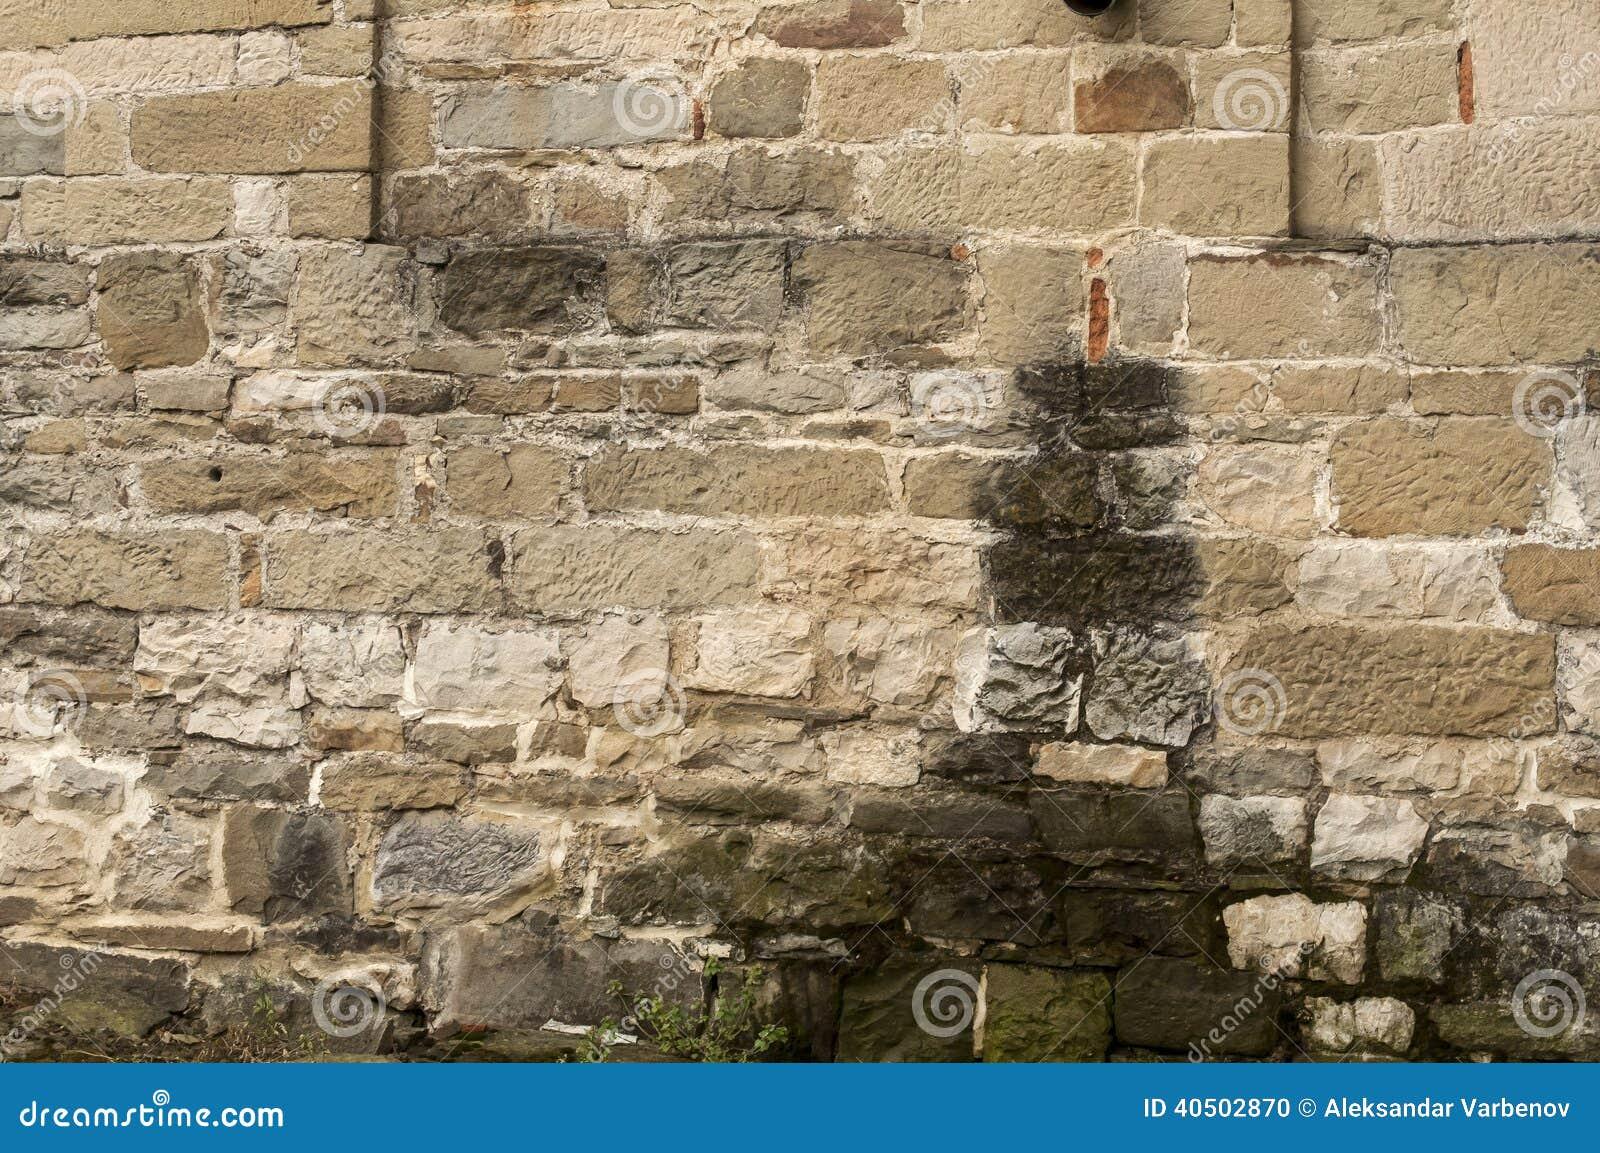 alte verwitterte kirche legen steine in den weg stockfoto - bild von